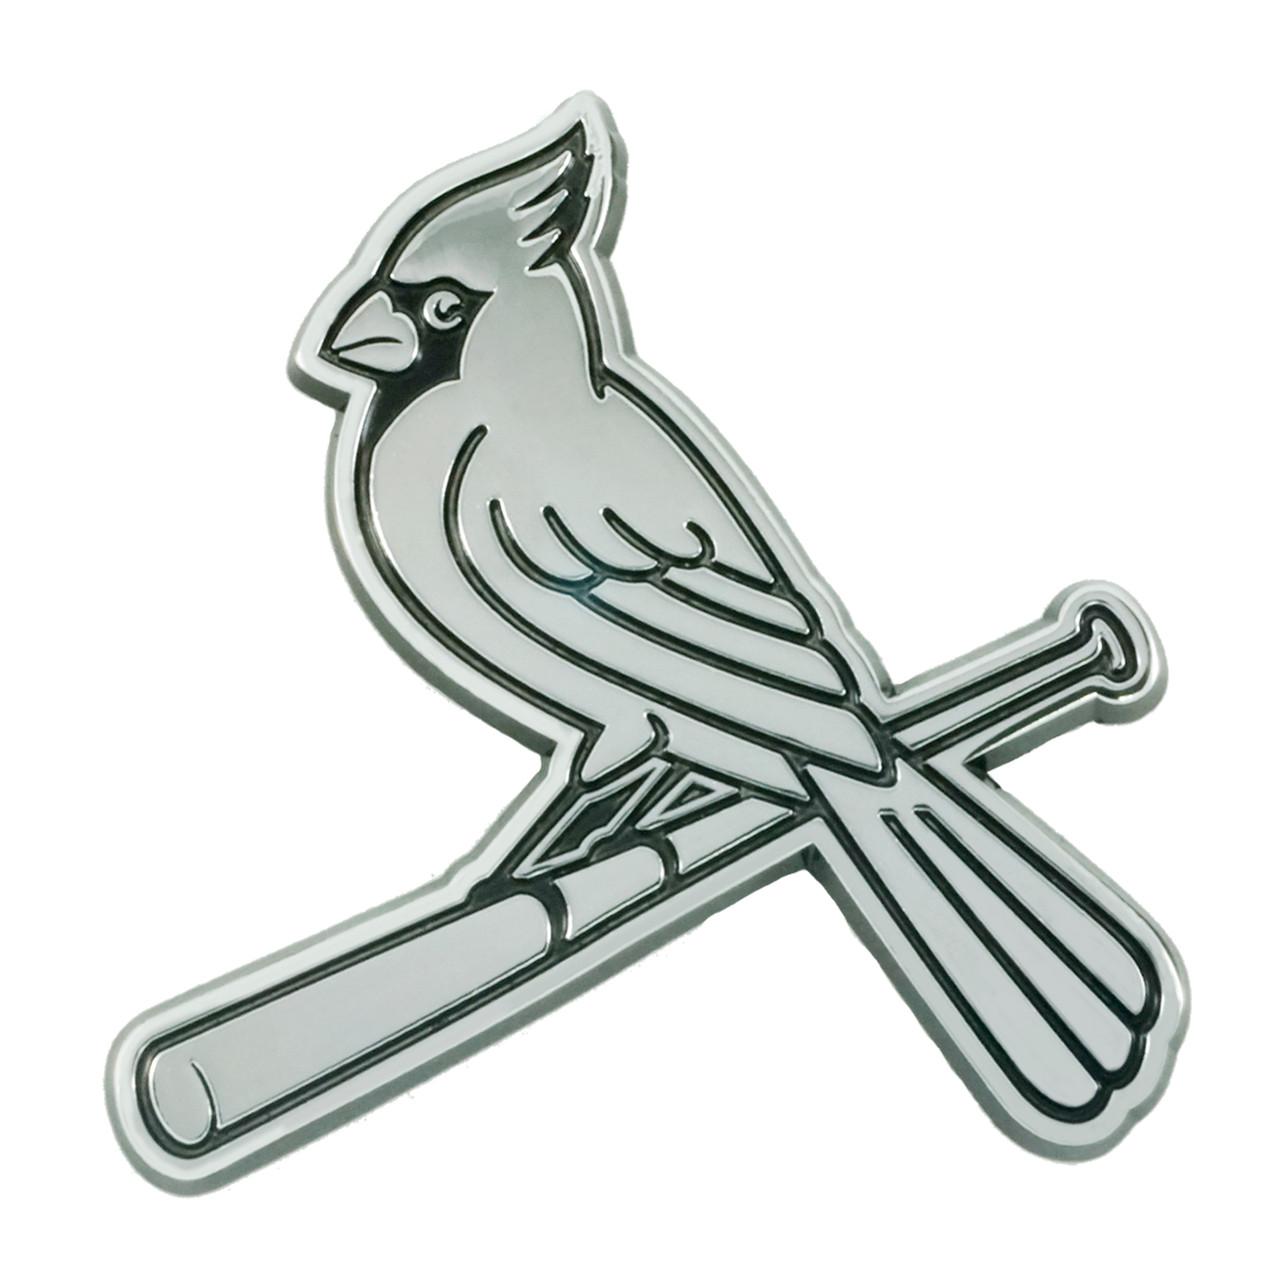 St. Louis Cardinals Auto Emblem Premium Metal Chrome